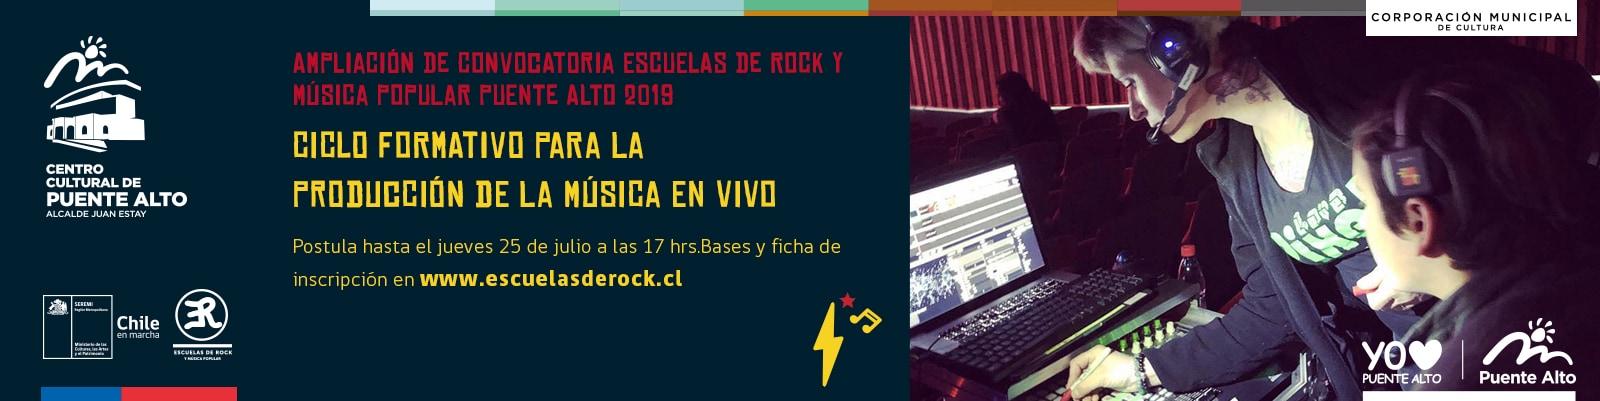 Participa en las Escuelas de Rock del Ministerio de las Culturas, las Artes y el Patrimonio.